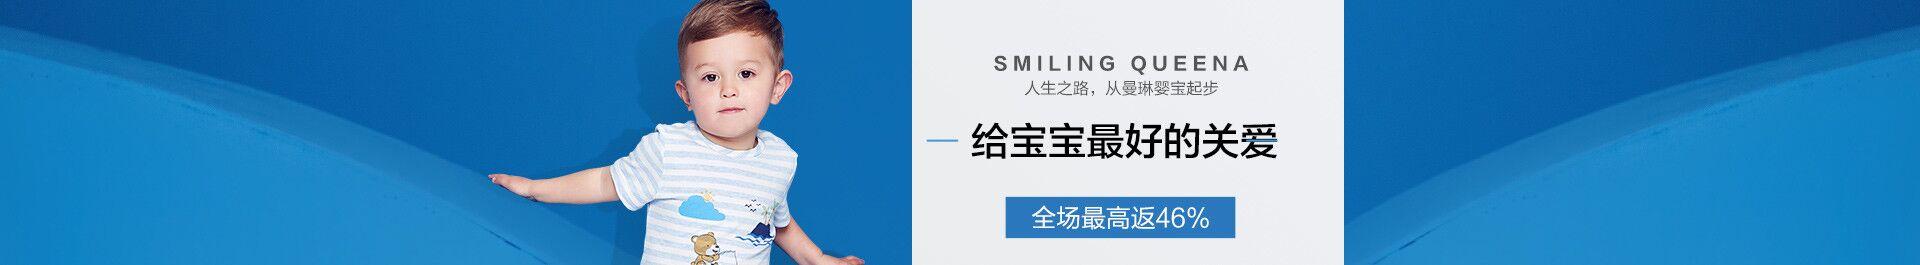 smilingqueena